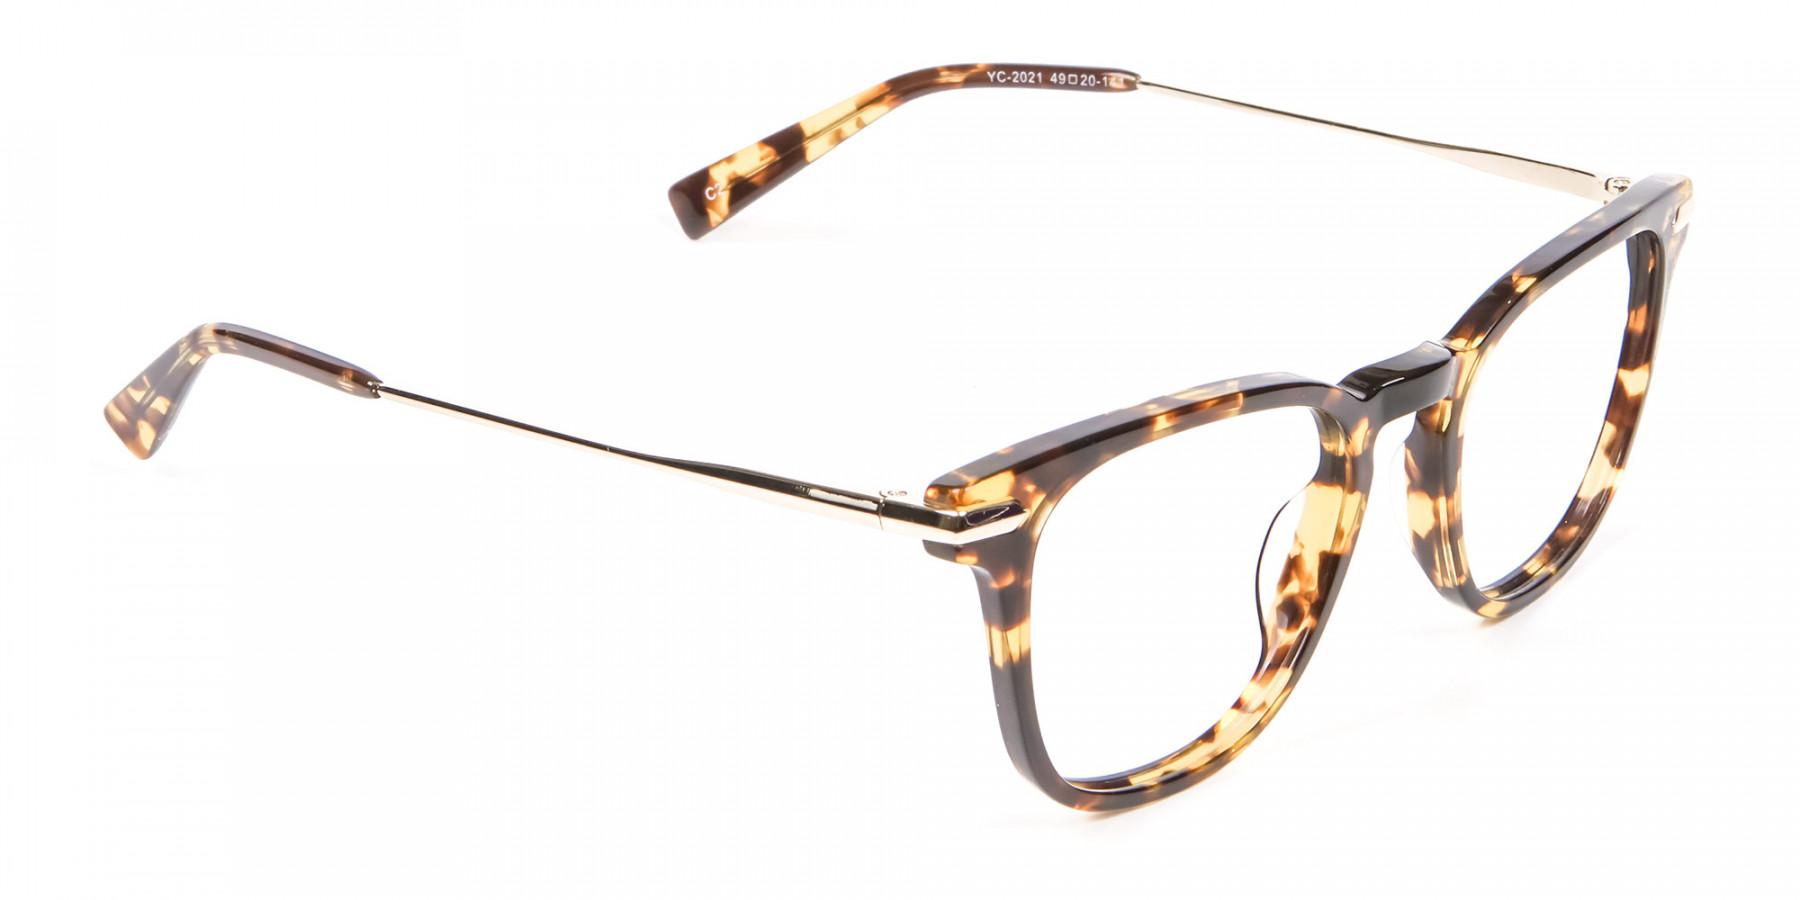 Tortoiseshell Horn-Rimmed Glasses